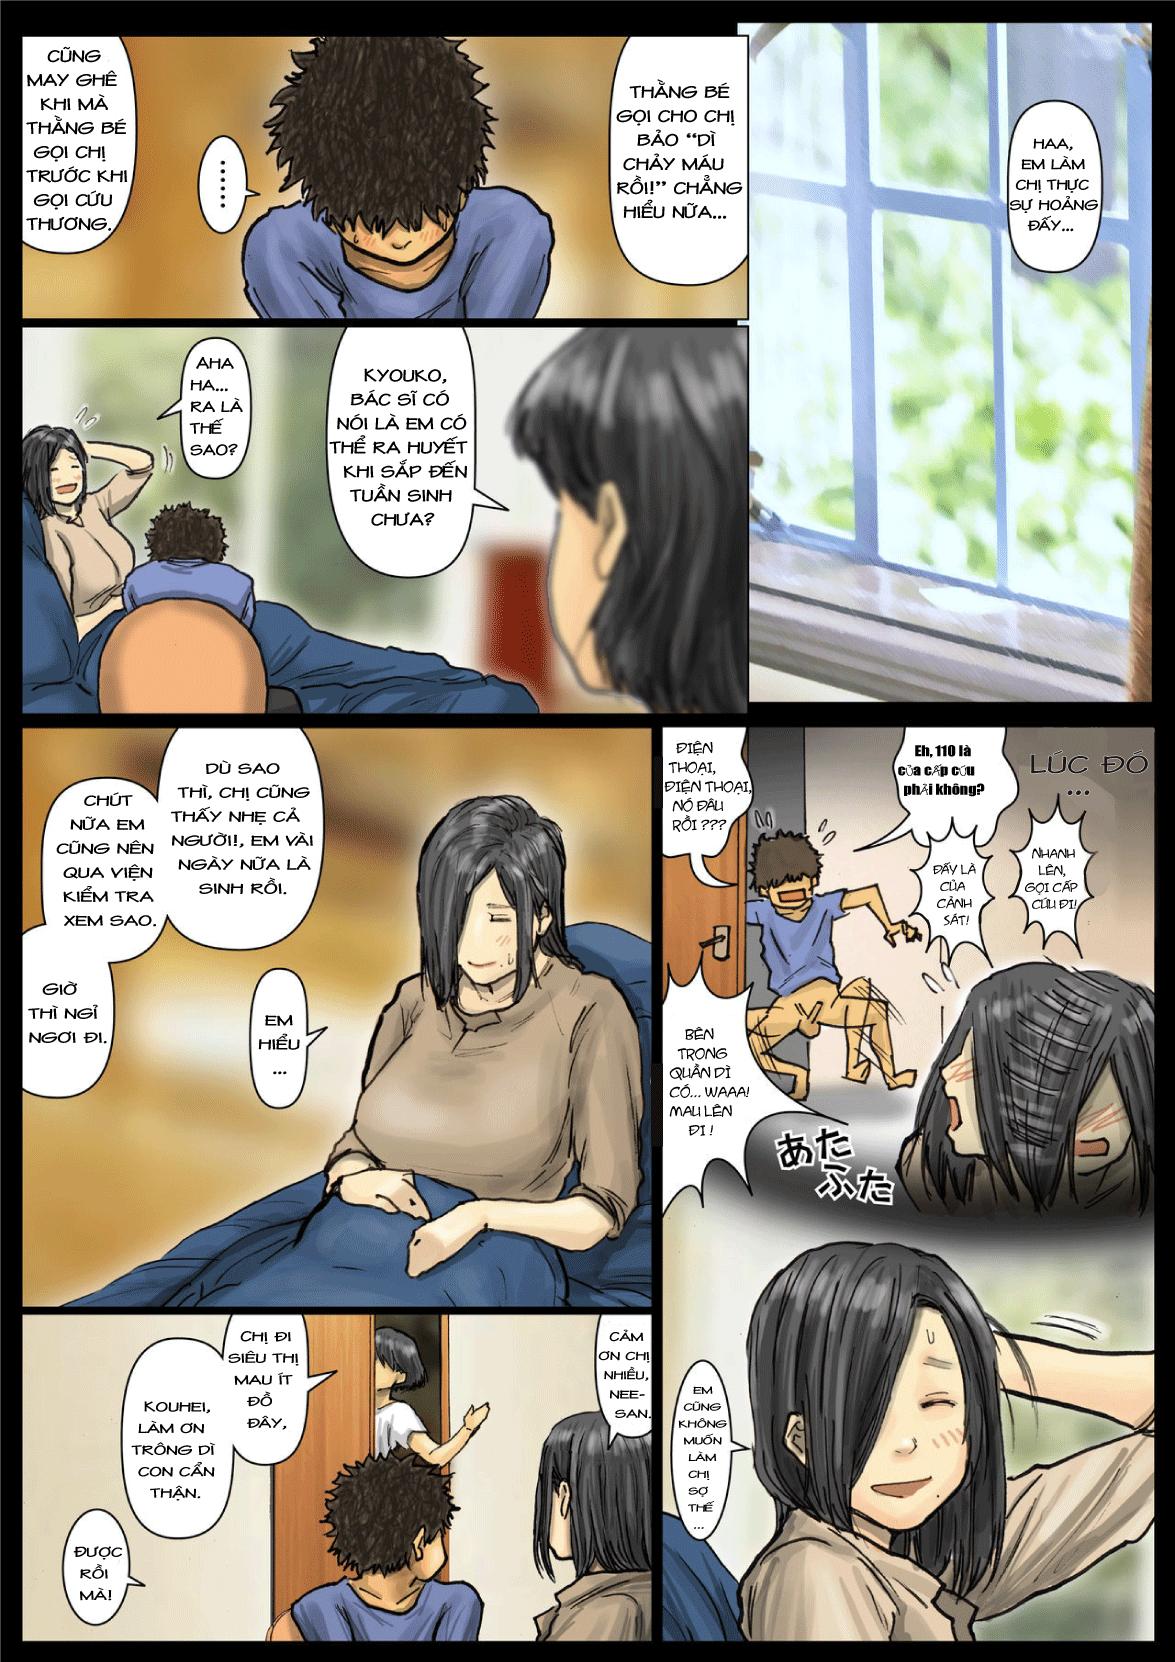 HentaiVN.net - Ảnh 46 - Oba-san no Karada ga Kimochi Yosugiru kara 2 - Boku no Oba-san wa Chou Meiki Datta 02 - Chap 03